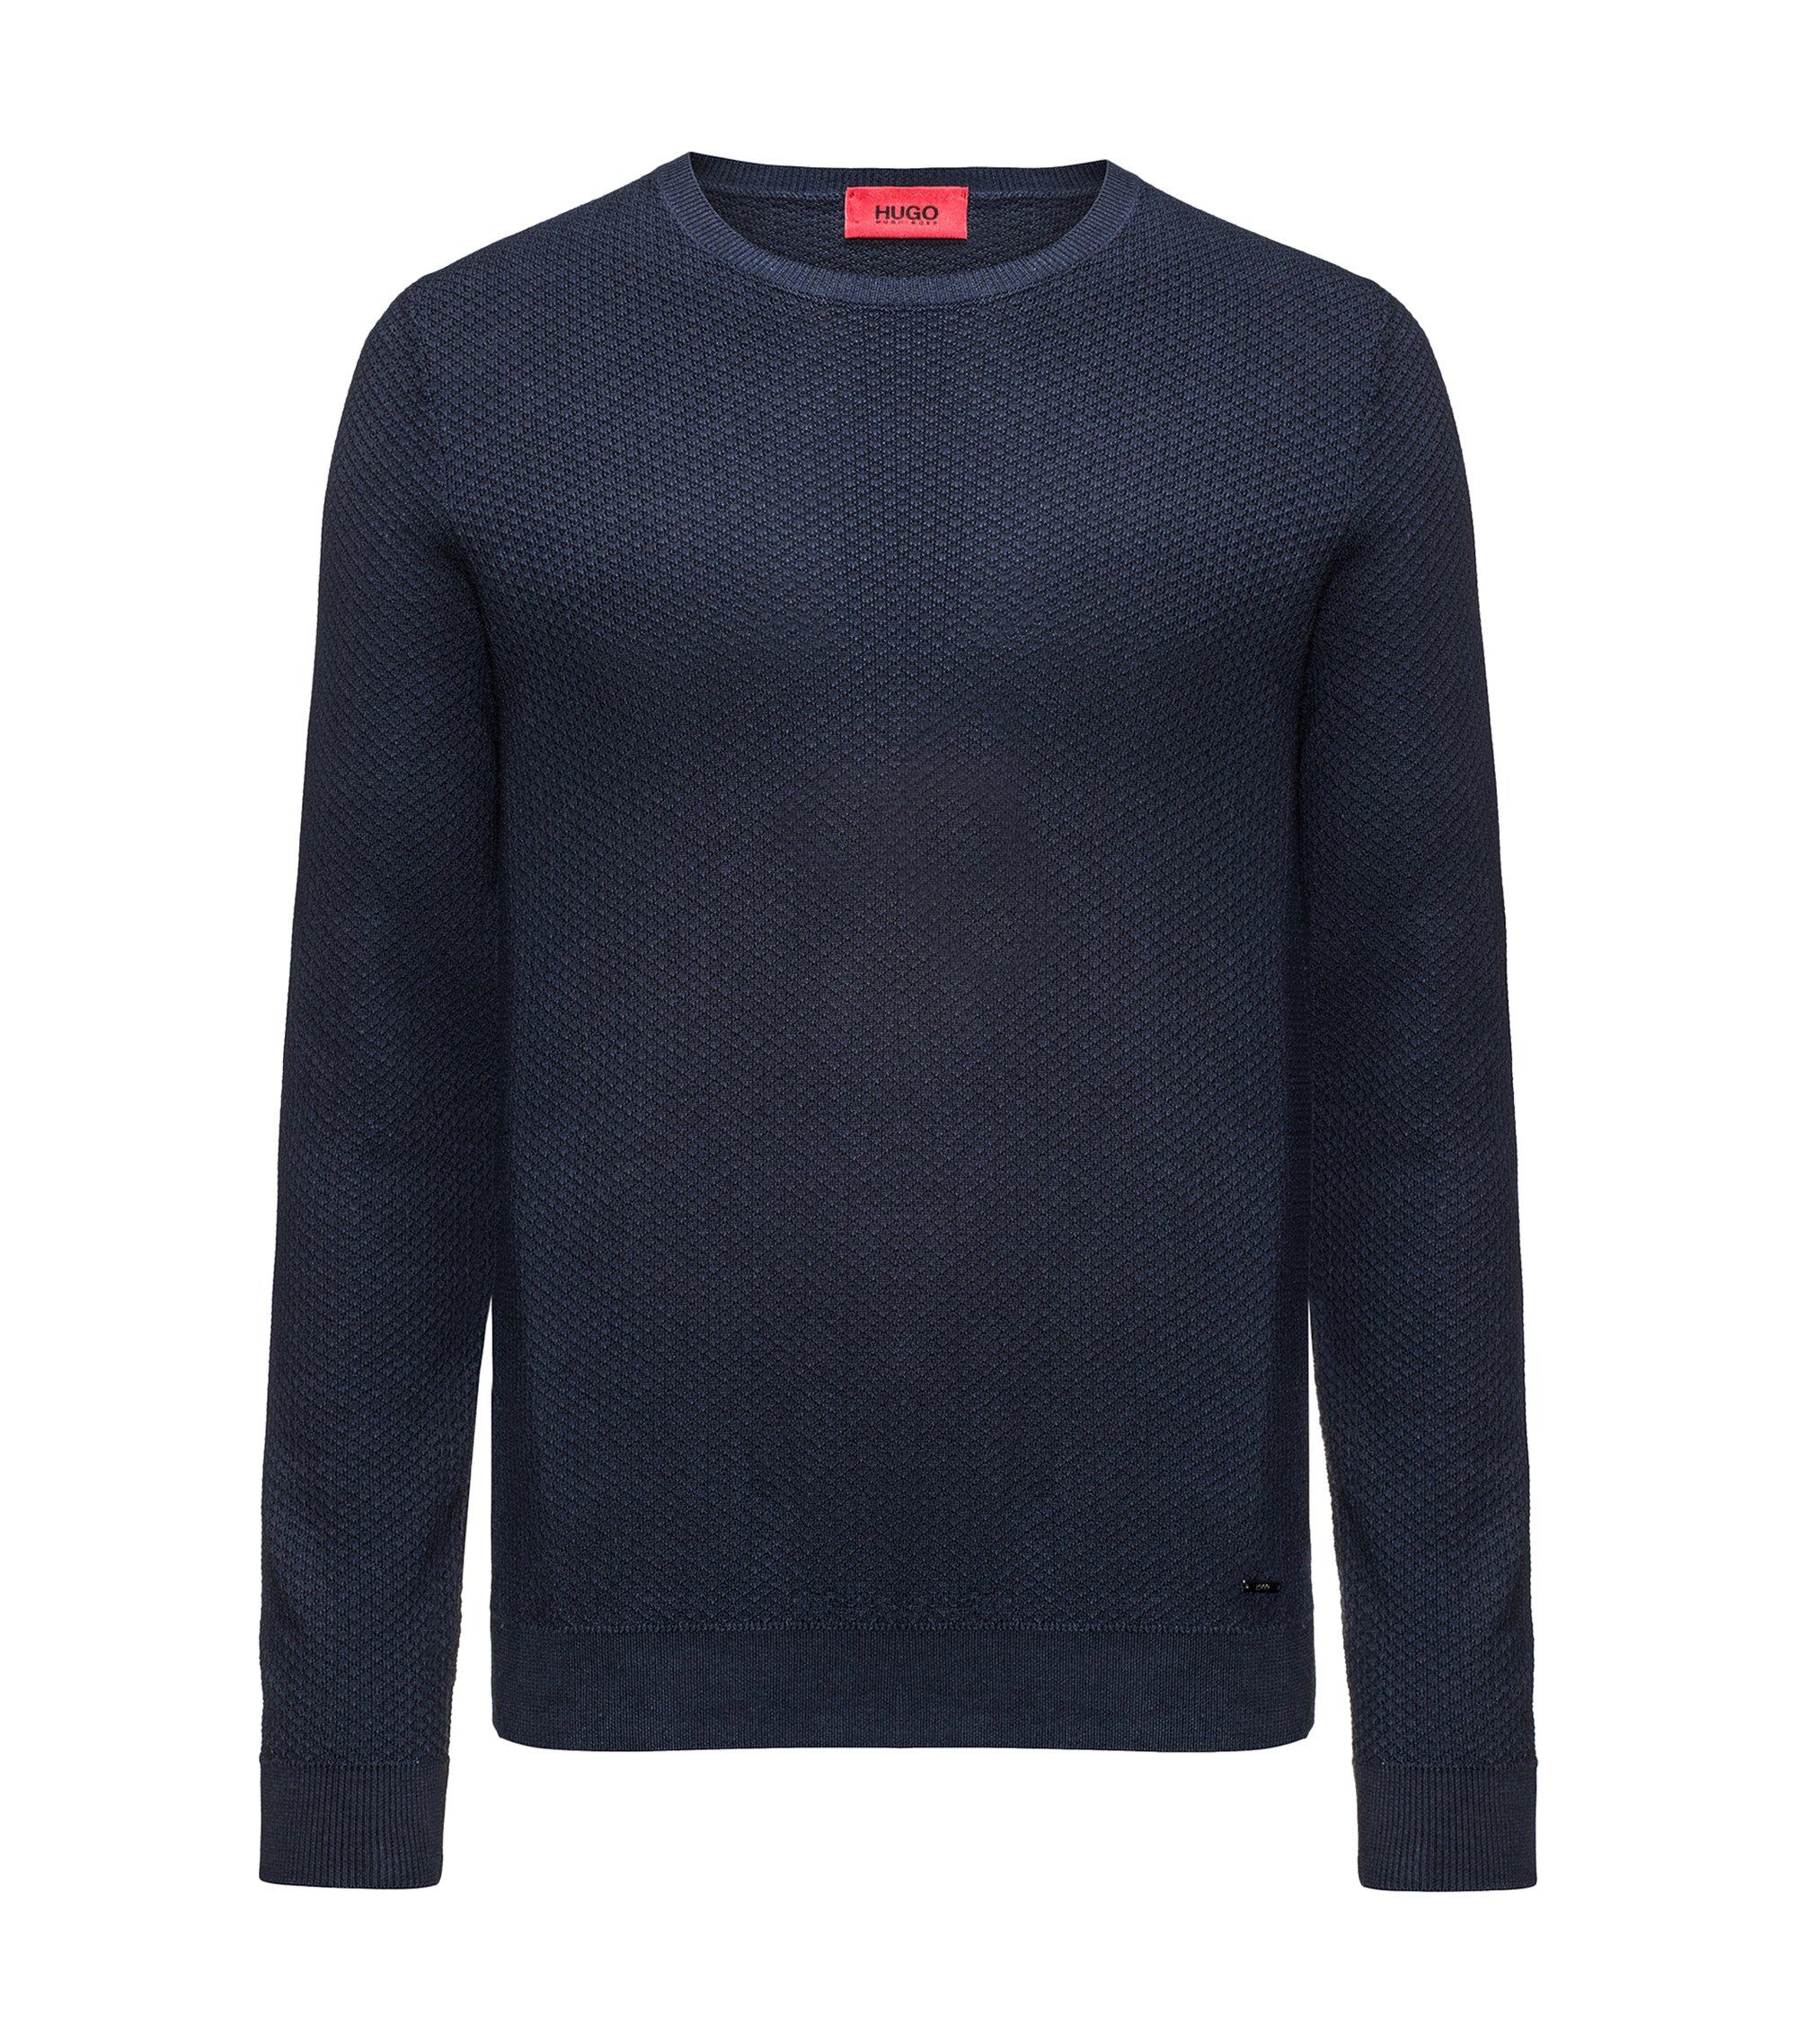 Crew-neck sweater in knitted cotton piqué, Dark Blue